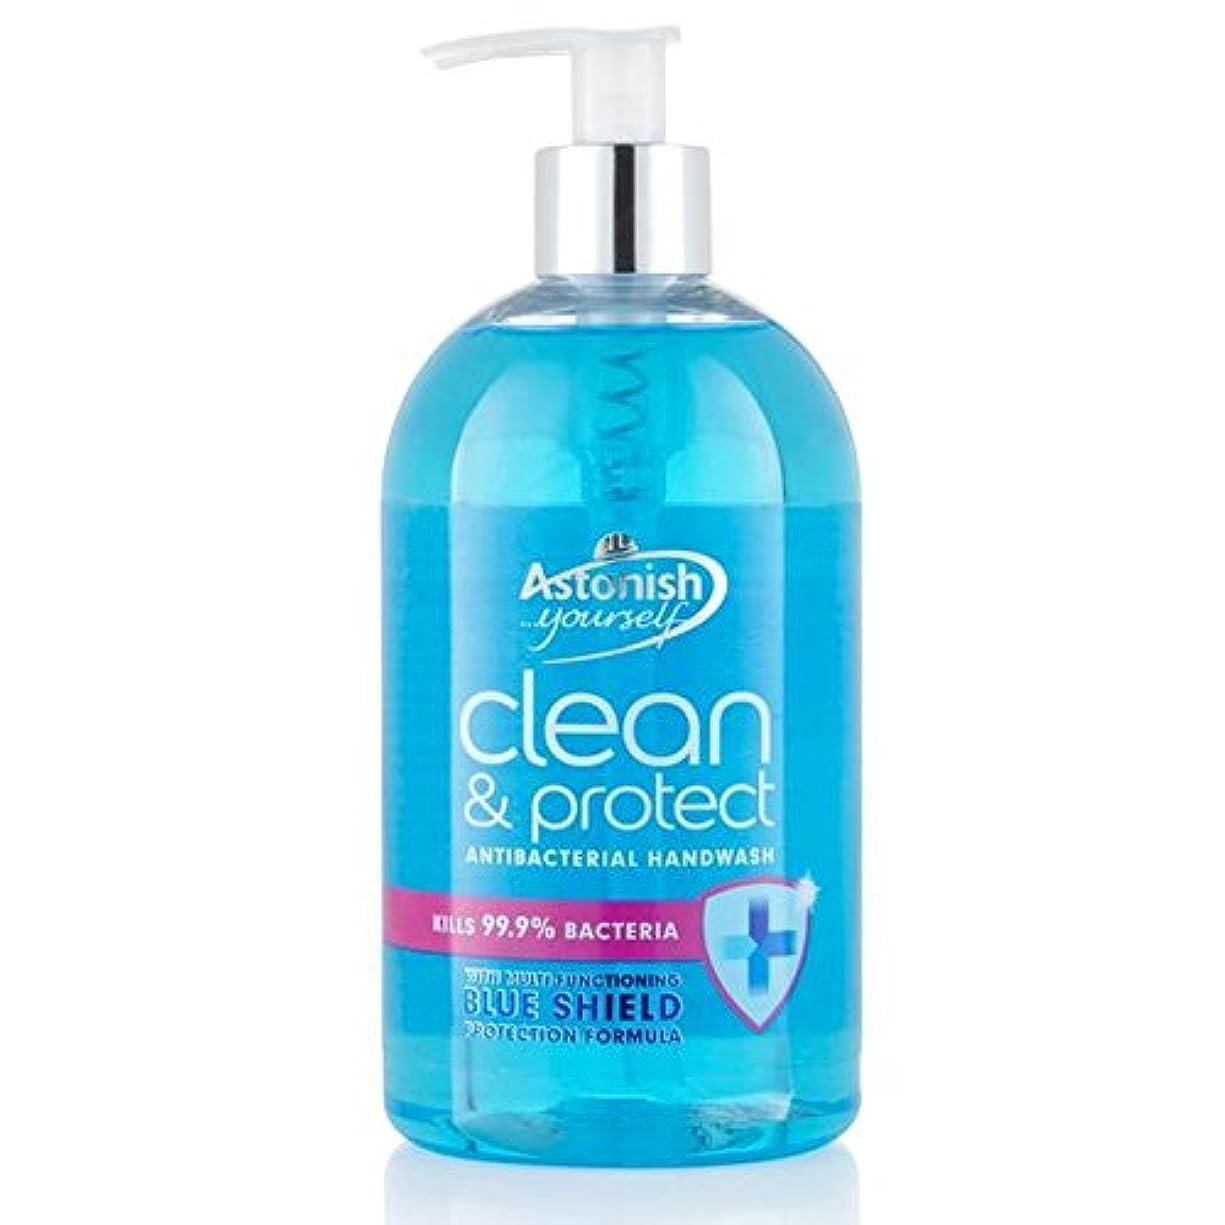 意識延期する地区Astonish Clean & Protect Hand Wash 500ml - クリーン驚か&ハンドウォッシュ500ミリリットルを保護 [並行輸入品]